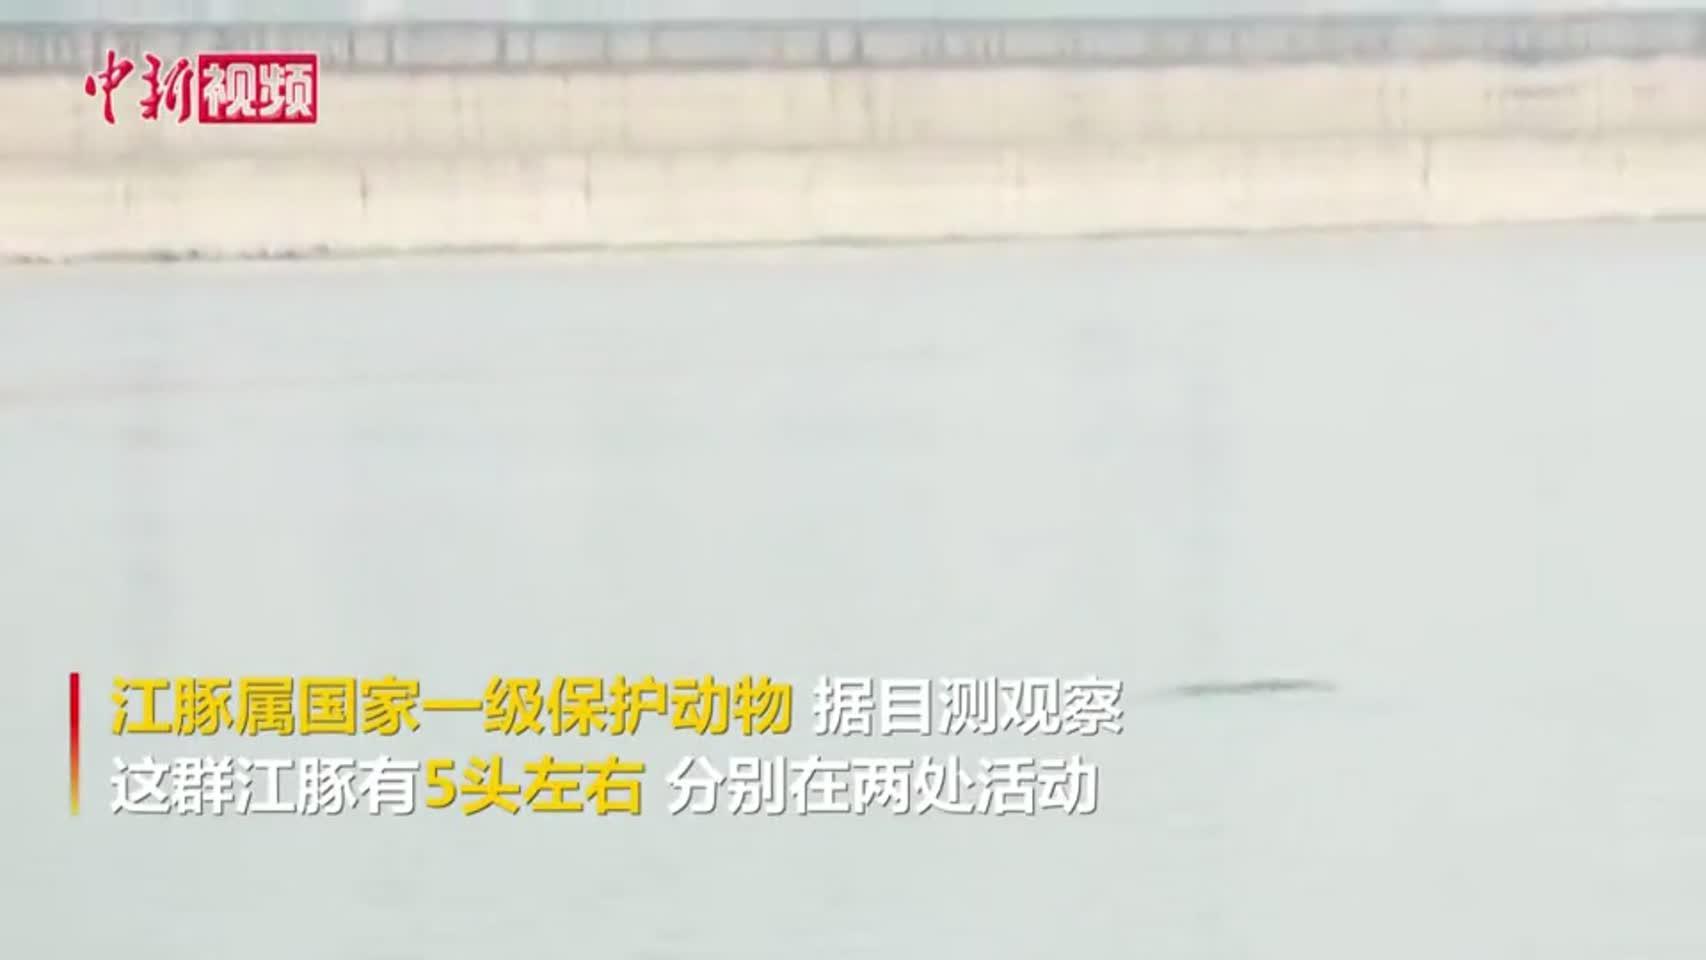 野生江豚畅游长江 曾经罕见现在寻常